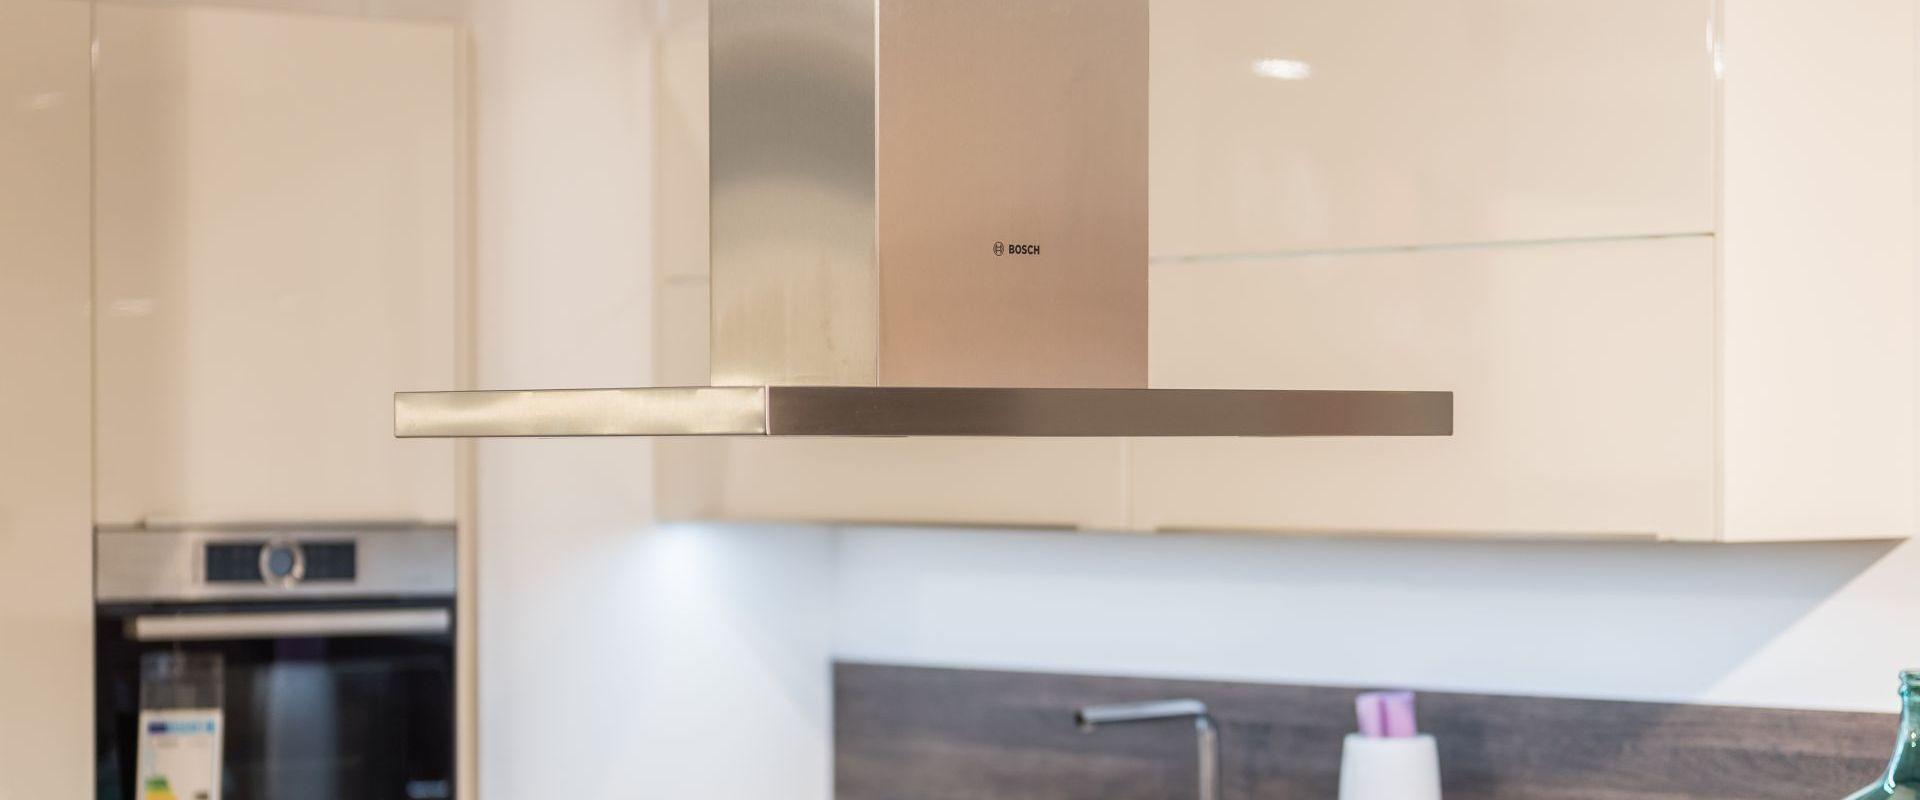 dunstabzugshauben kaufen in obernburg. Black Bedroom Furniture Sets. Home Design Ideas